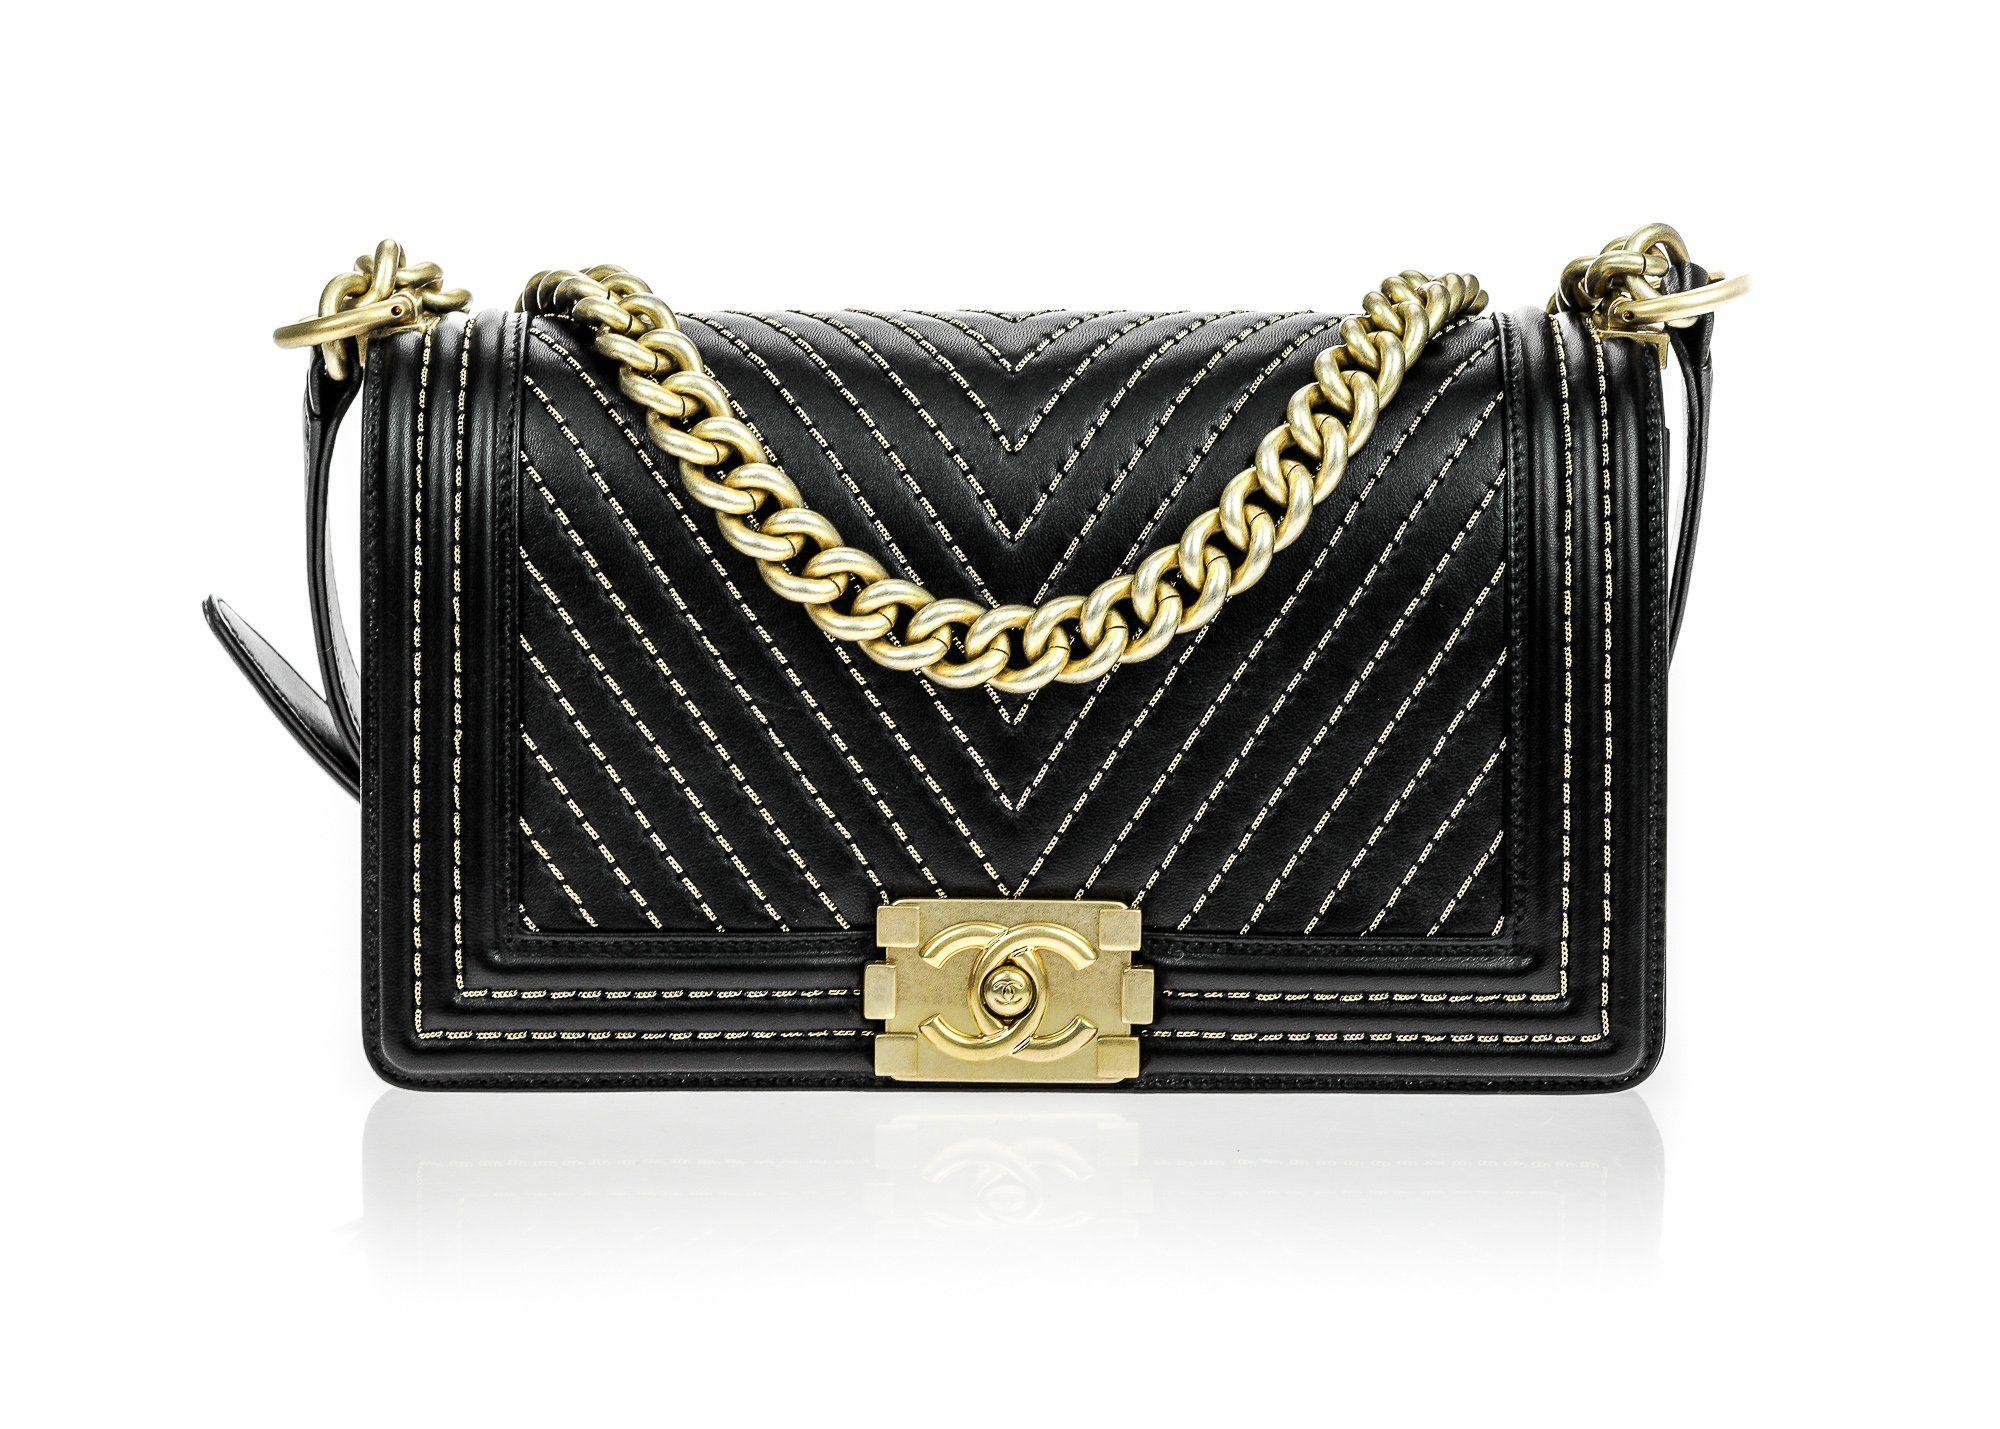 ccdf0912877606 Chanel Black Calfskin Chain Detail Chevron Medium Boy Flap Bag ...